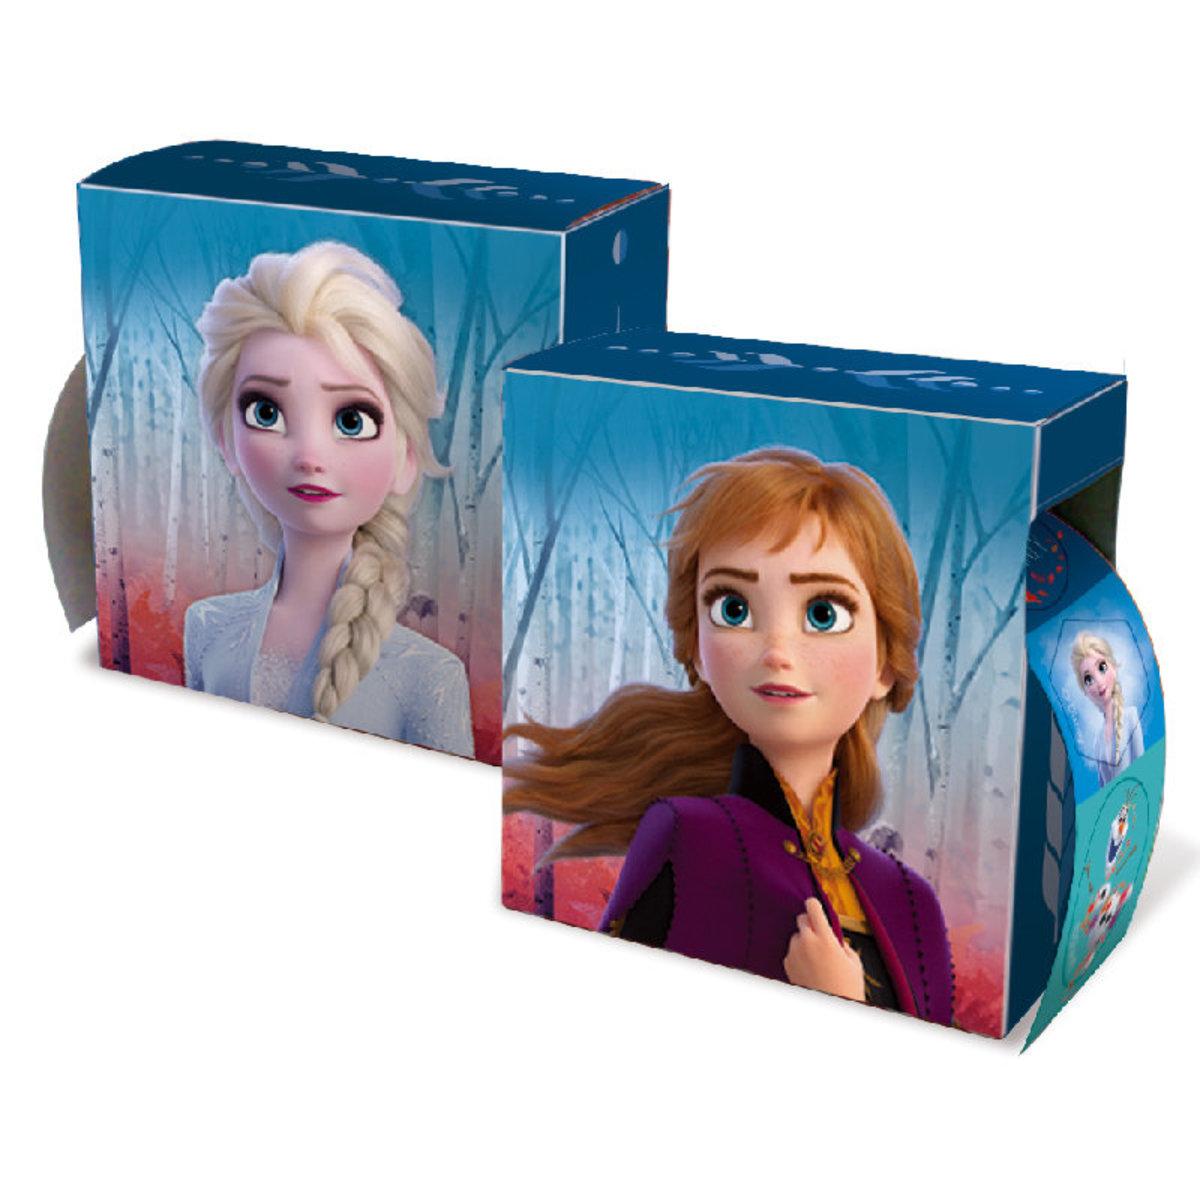 魔雪奇緣2 - 盒裝貼紙 [迪士尼許可產品]